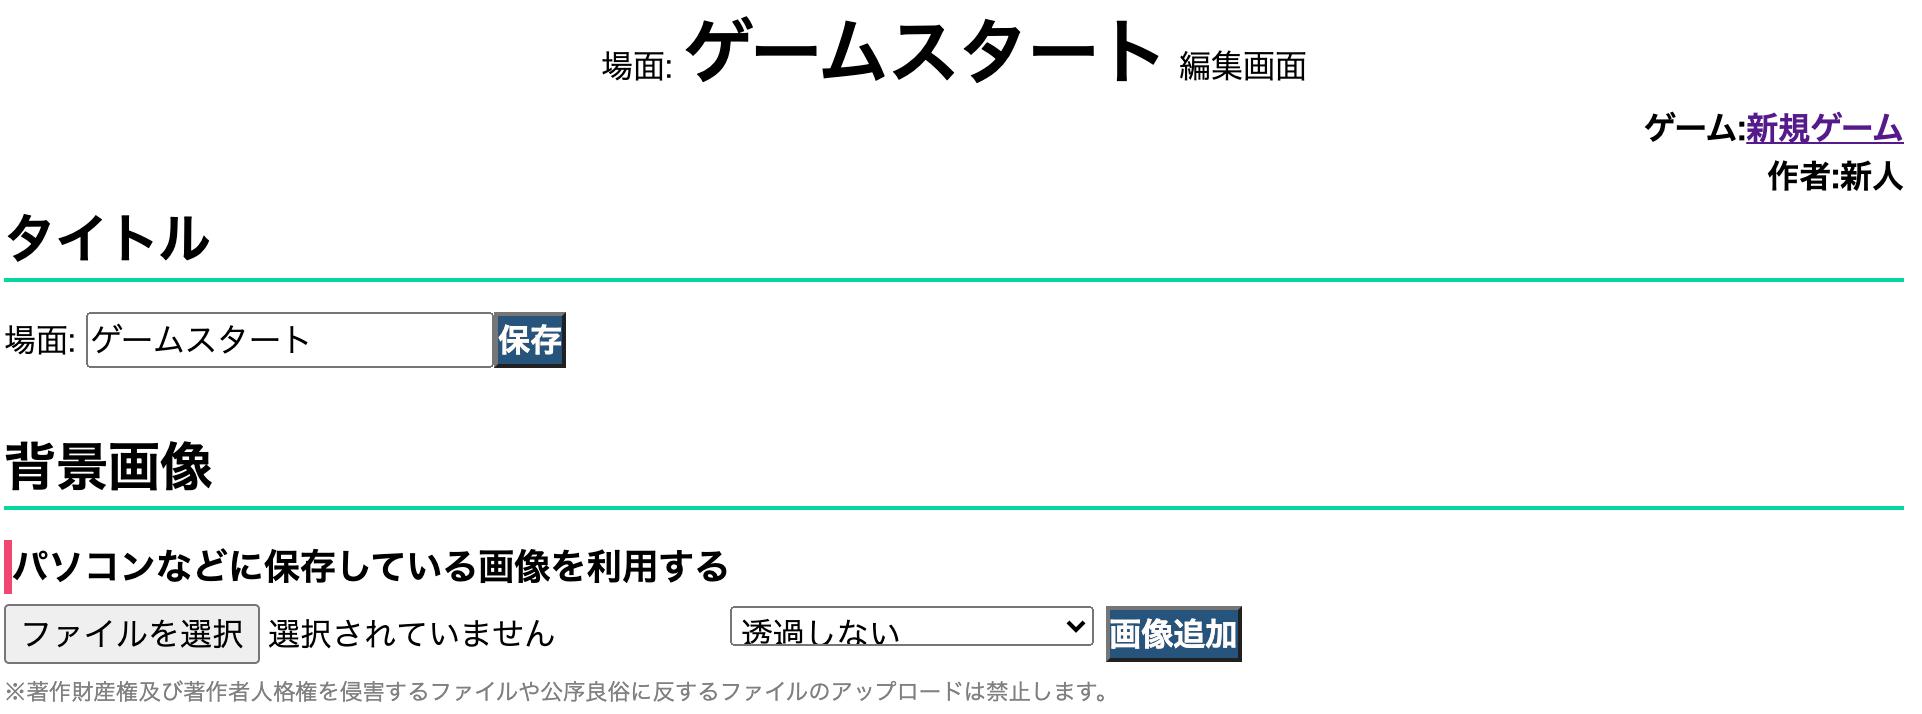 スクリーンショット 2020-06-13 08.57.29.png